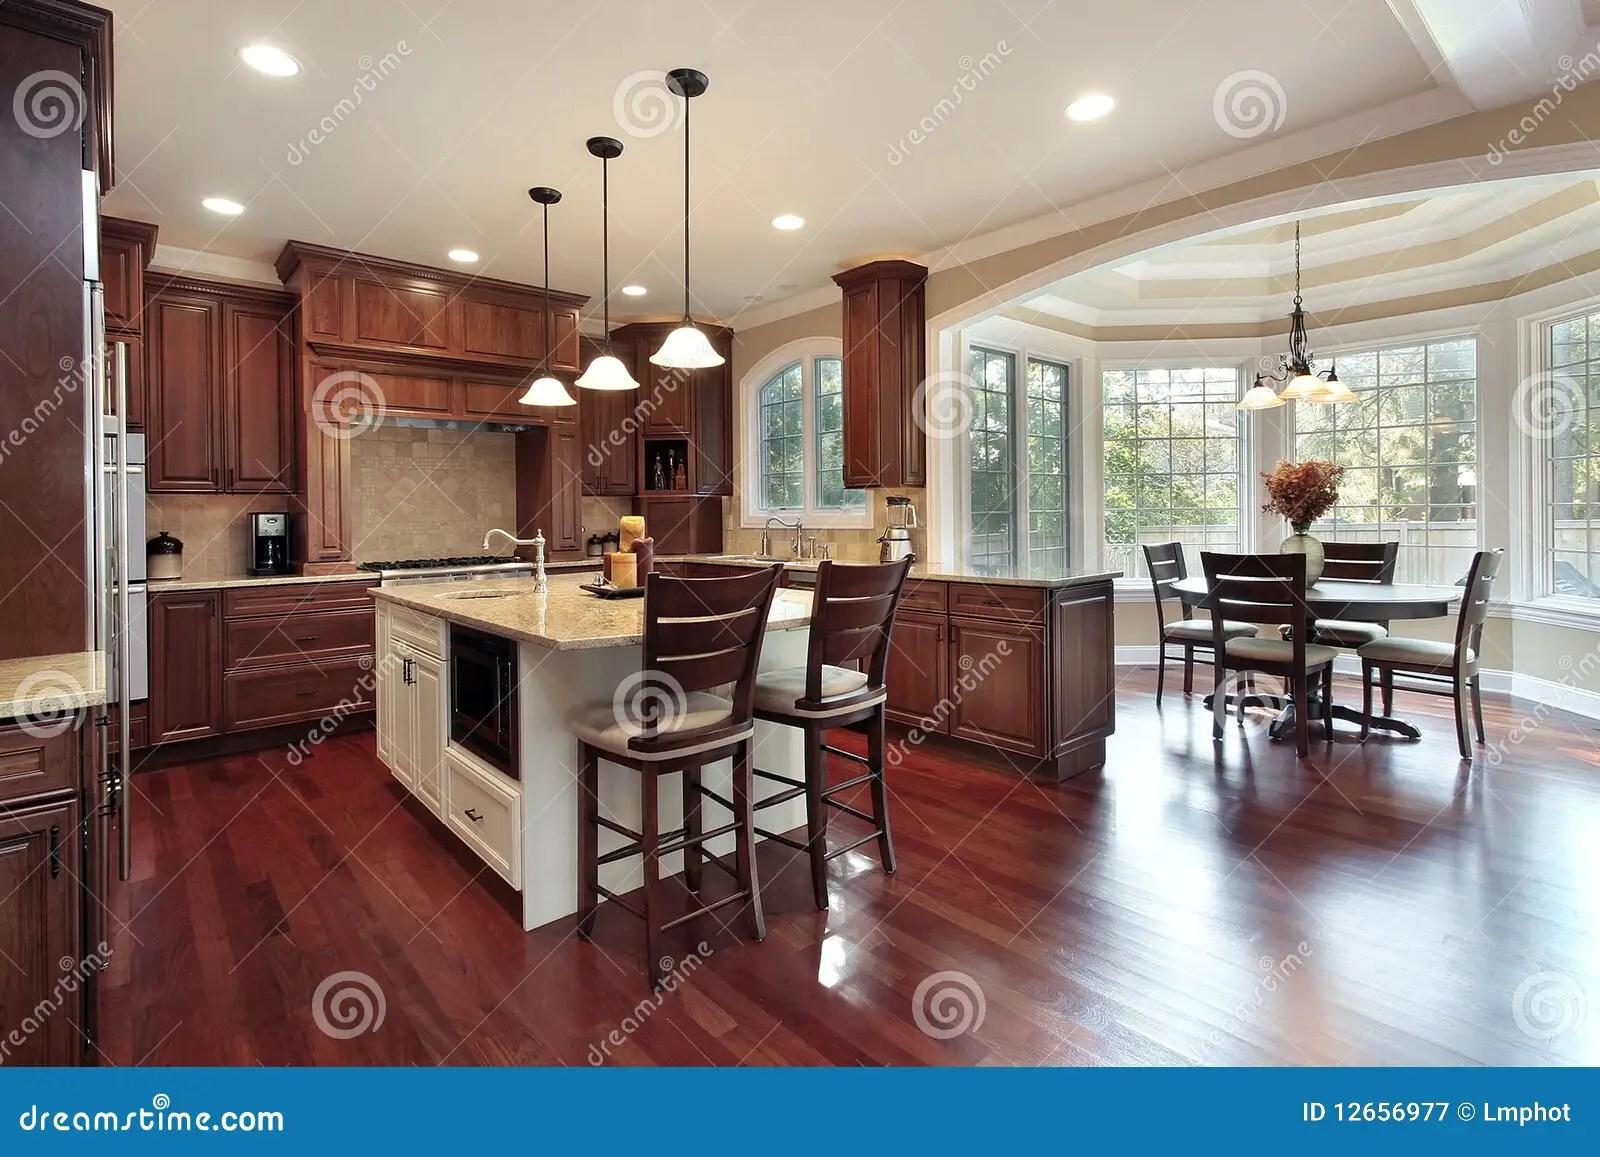 slate floor kitchen install island 吃厨房的区库存图片 图片包括有实际 不锈 椅子 厨房 花岗岩 板岩 吃地板厨房木头的区樱桃